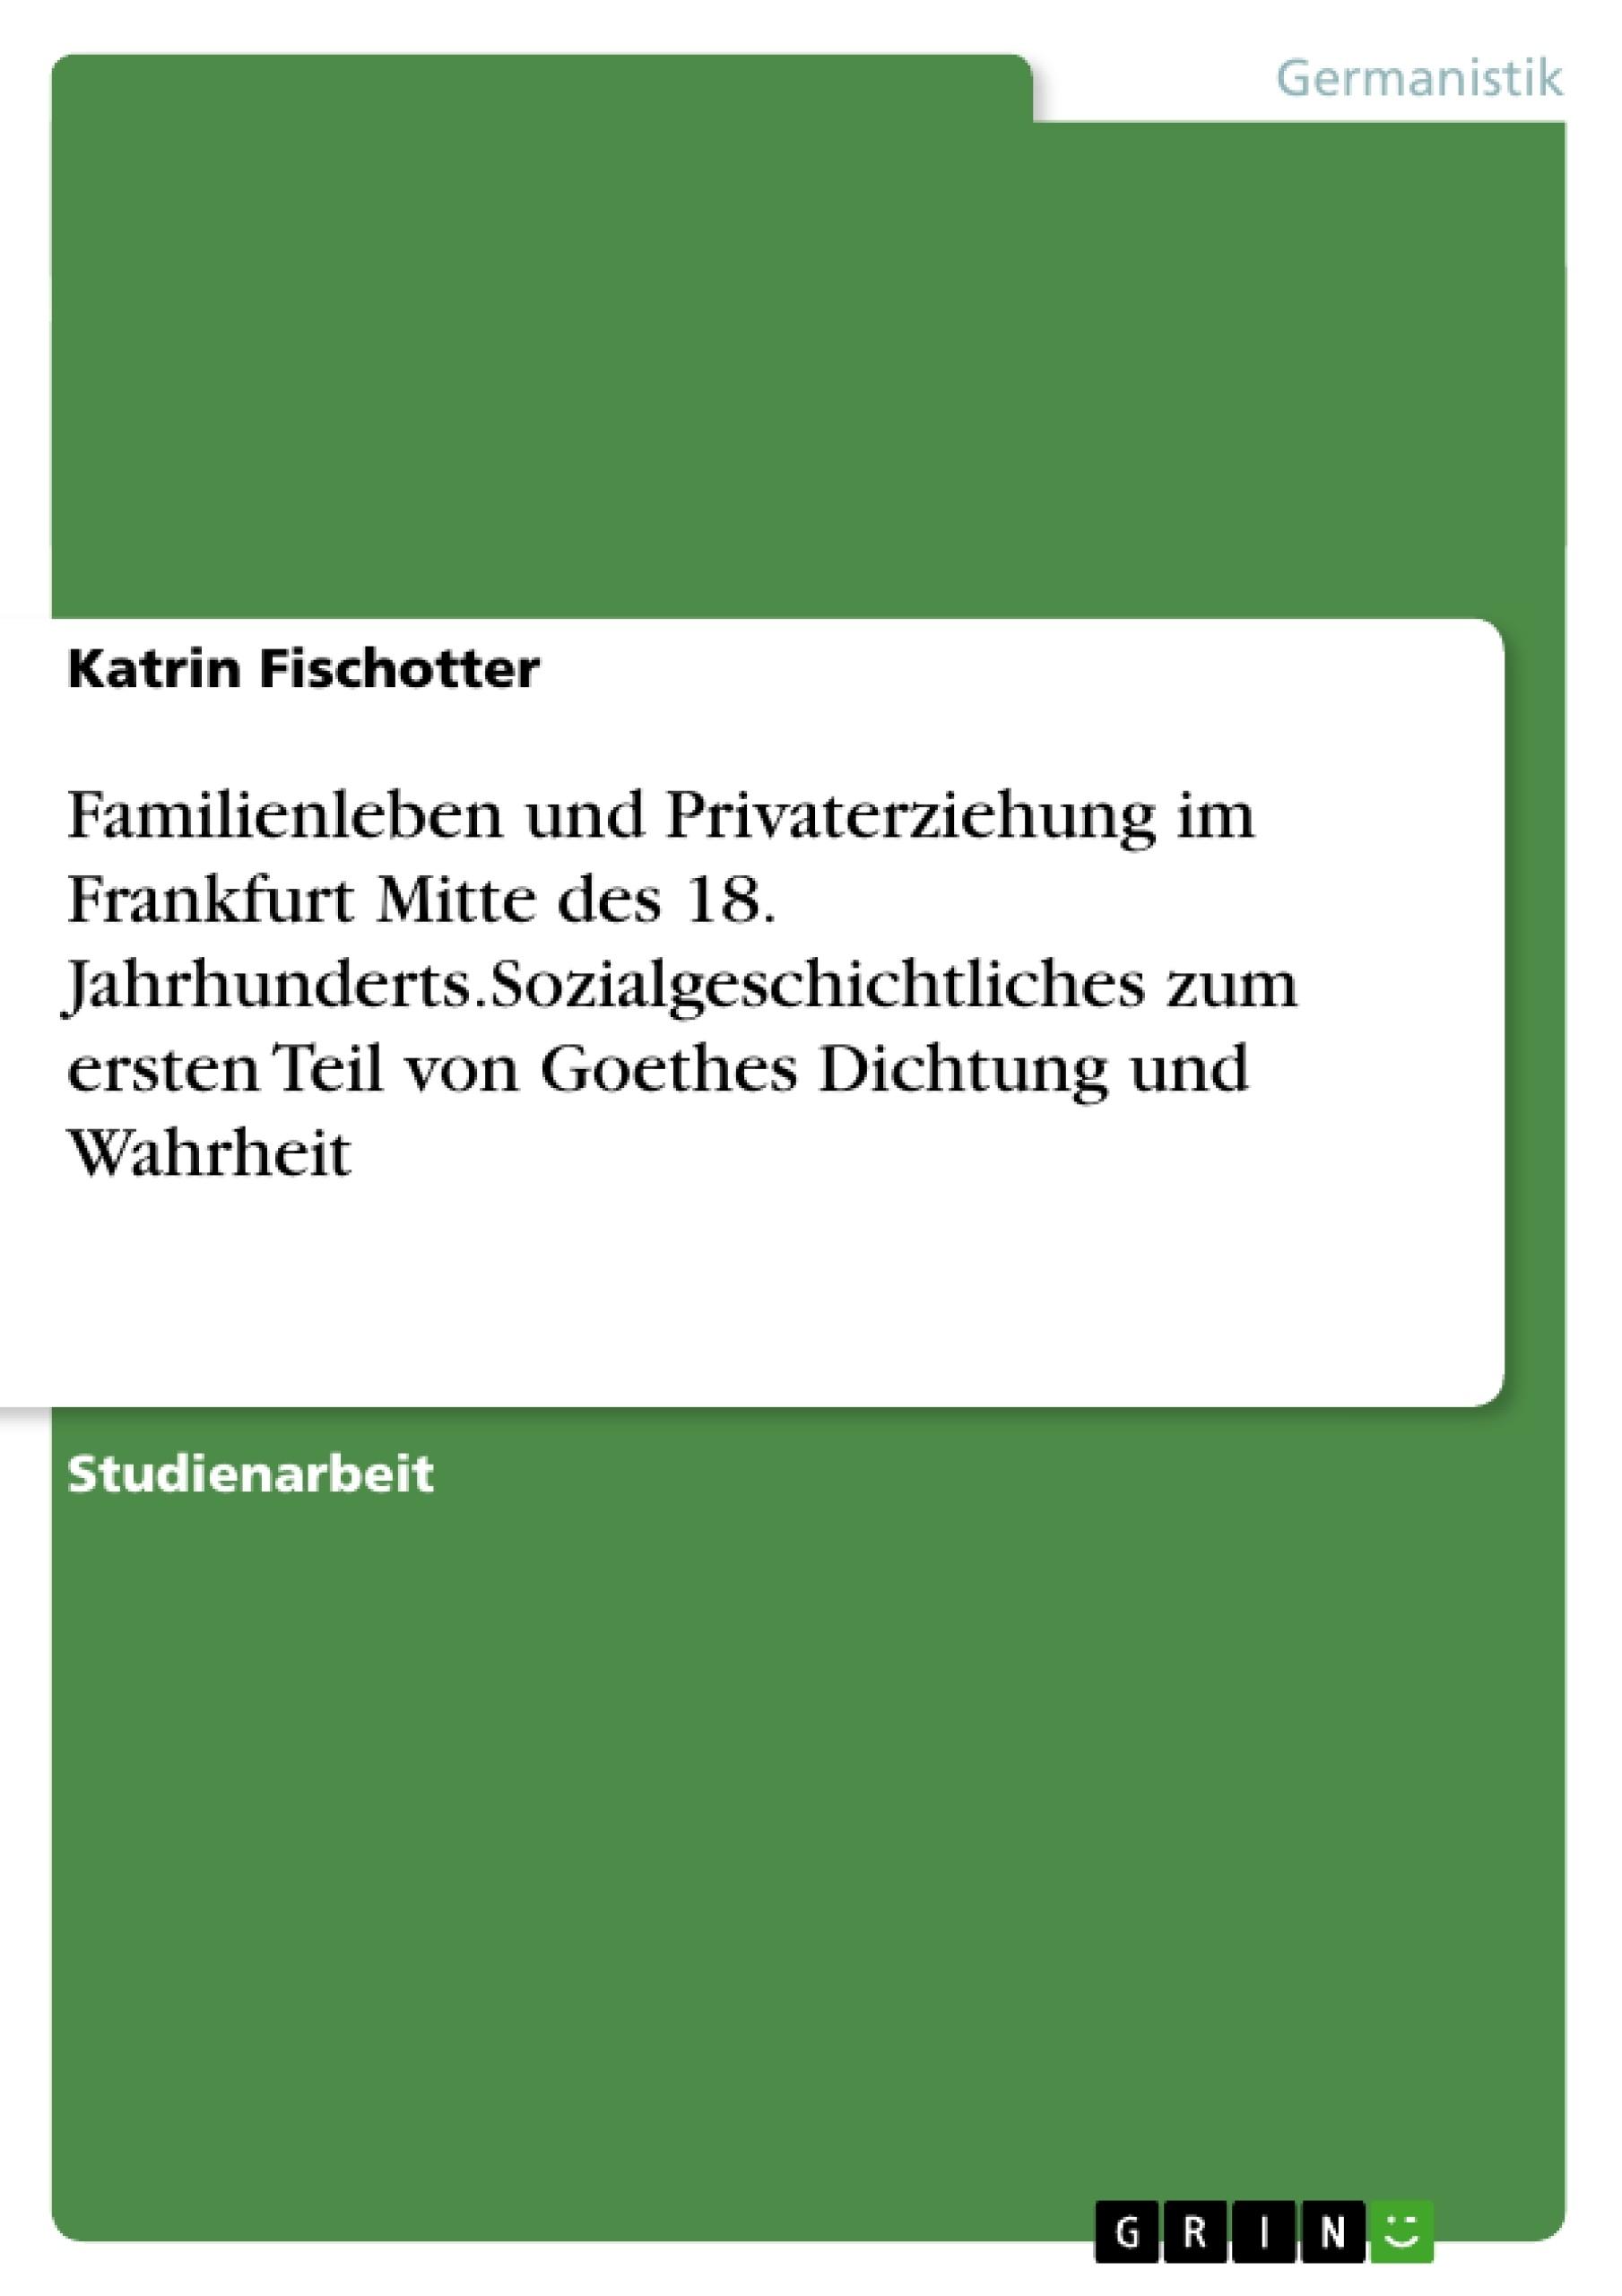 Titel: Familienleben und Privaterziehung im Frankfurt Mitte des 18. Jahrhunderts.Sozialgeschichtliches zum ersten Teil von Goethes Dichtung und Wahrheit